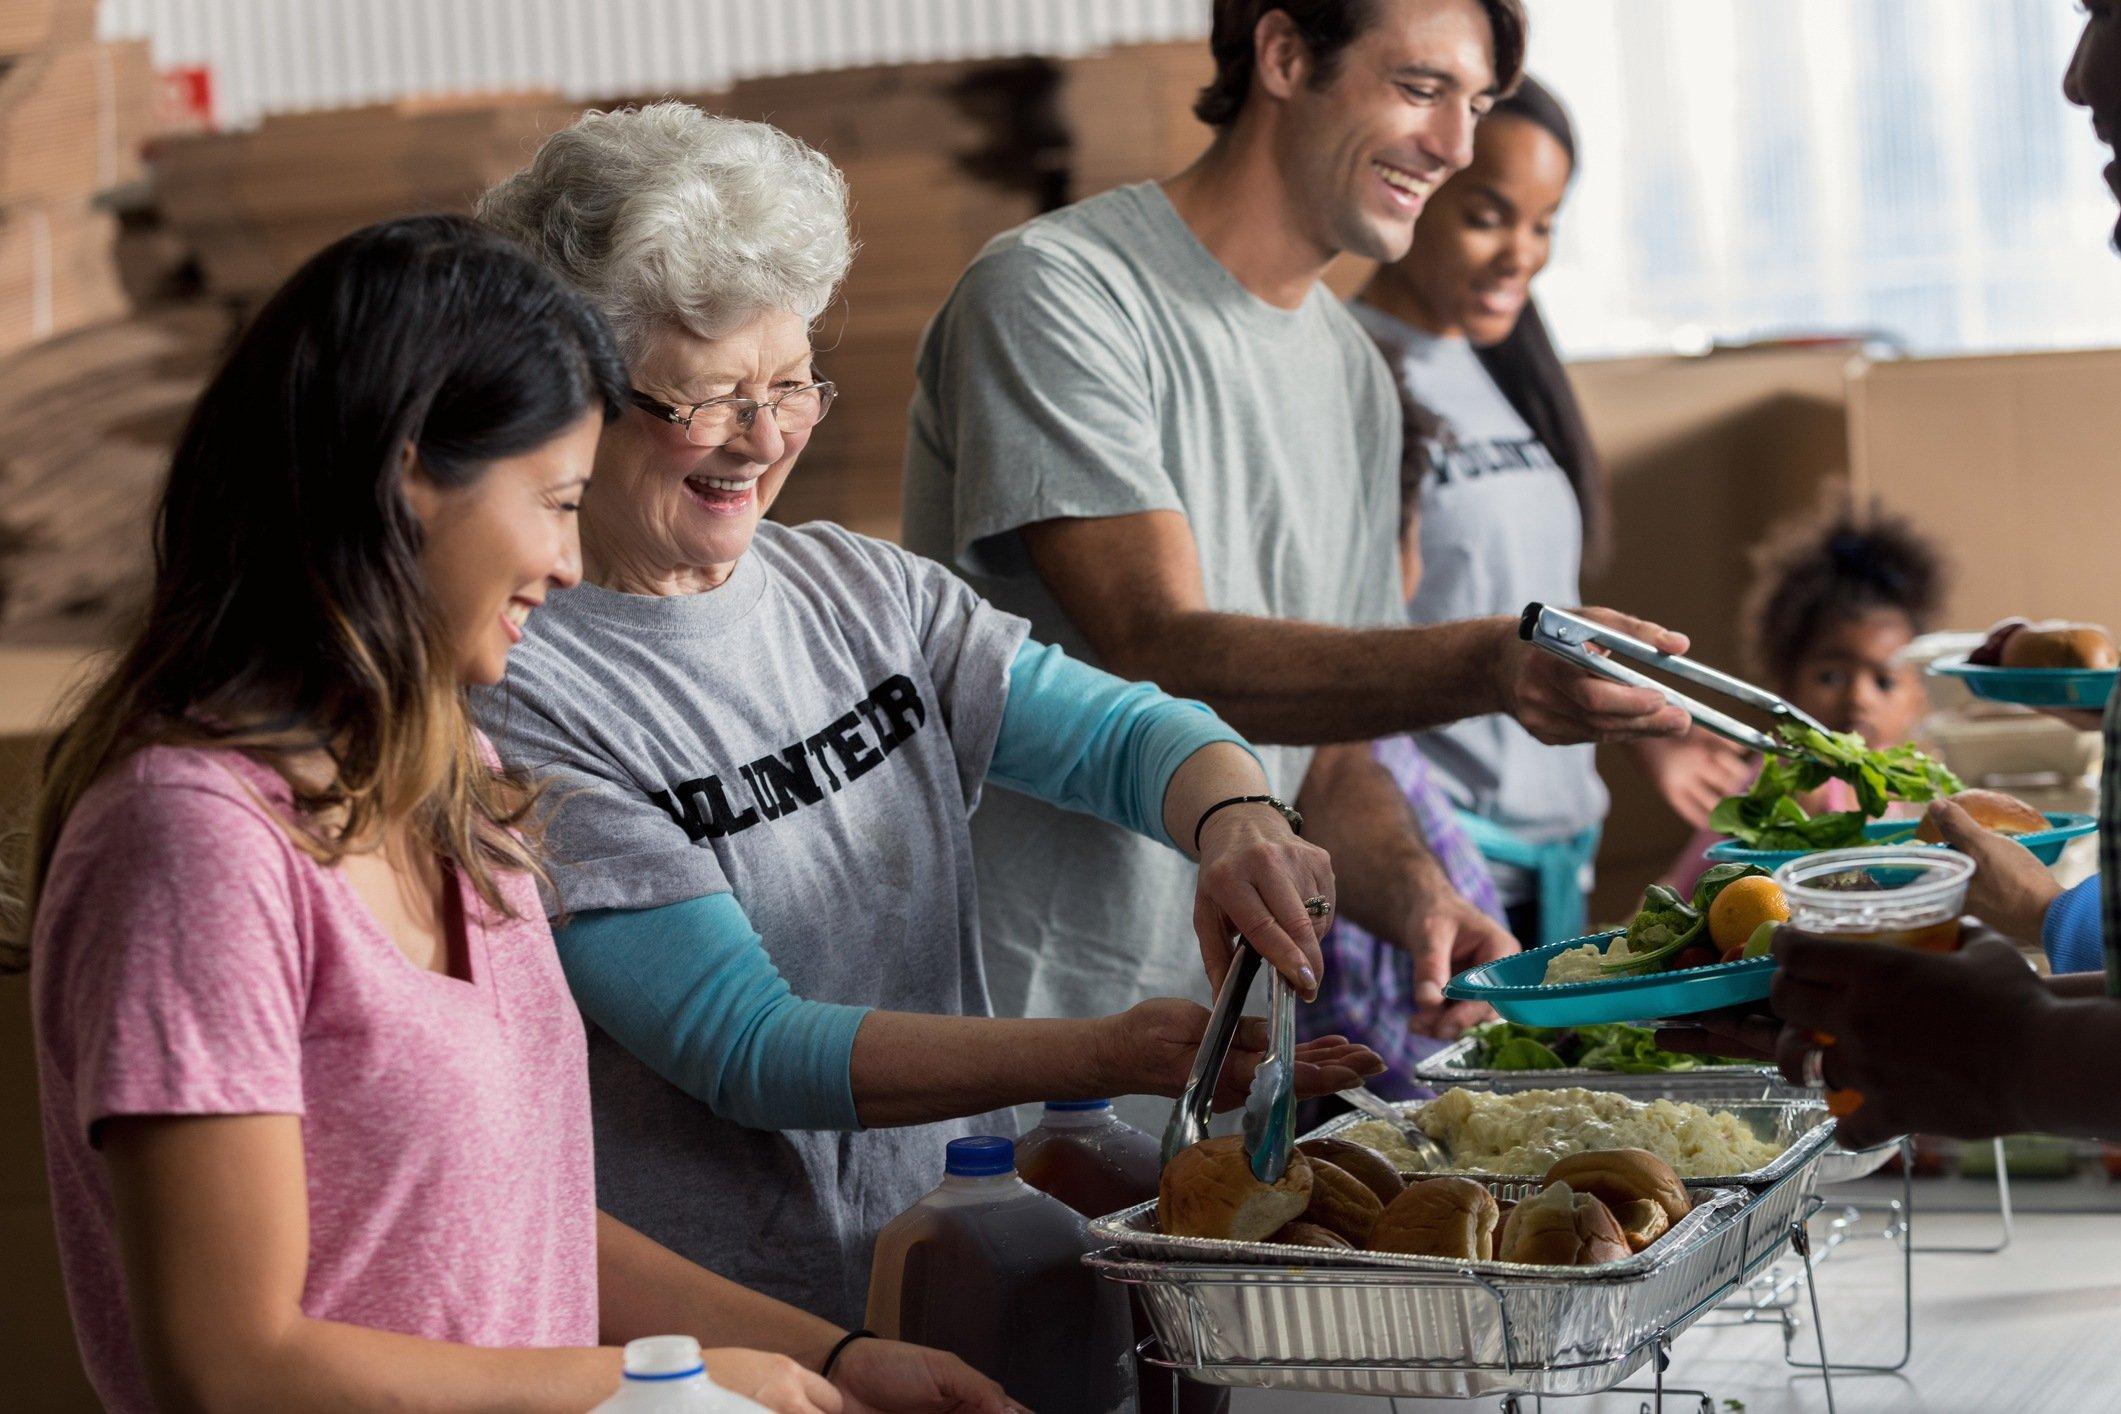 Consider Volunteering in Retirement